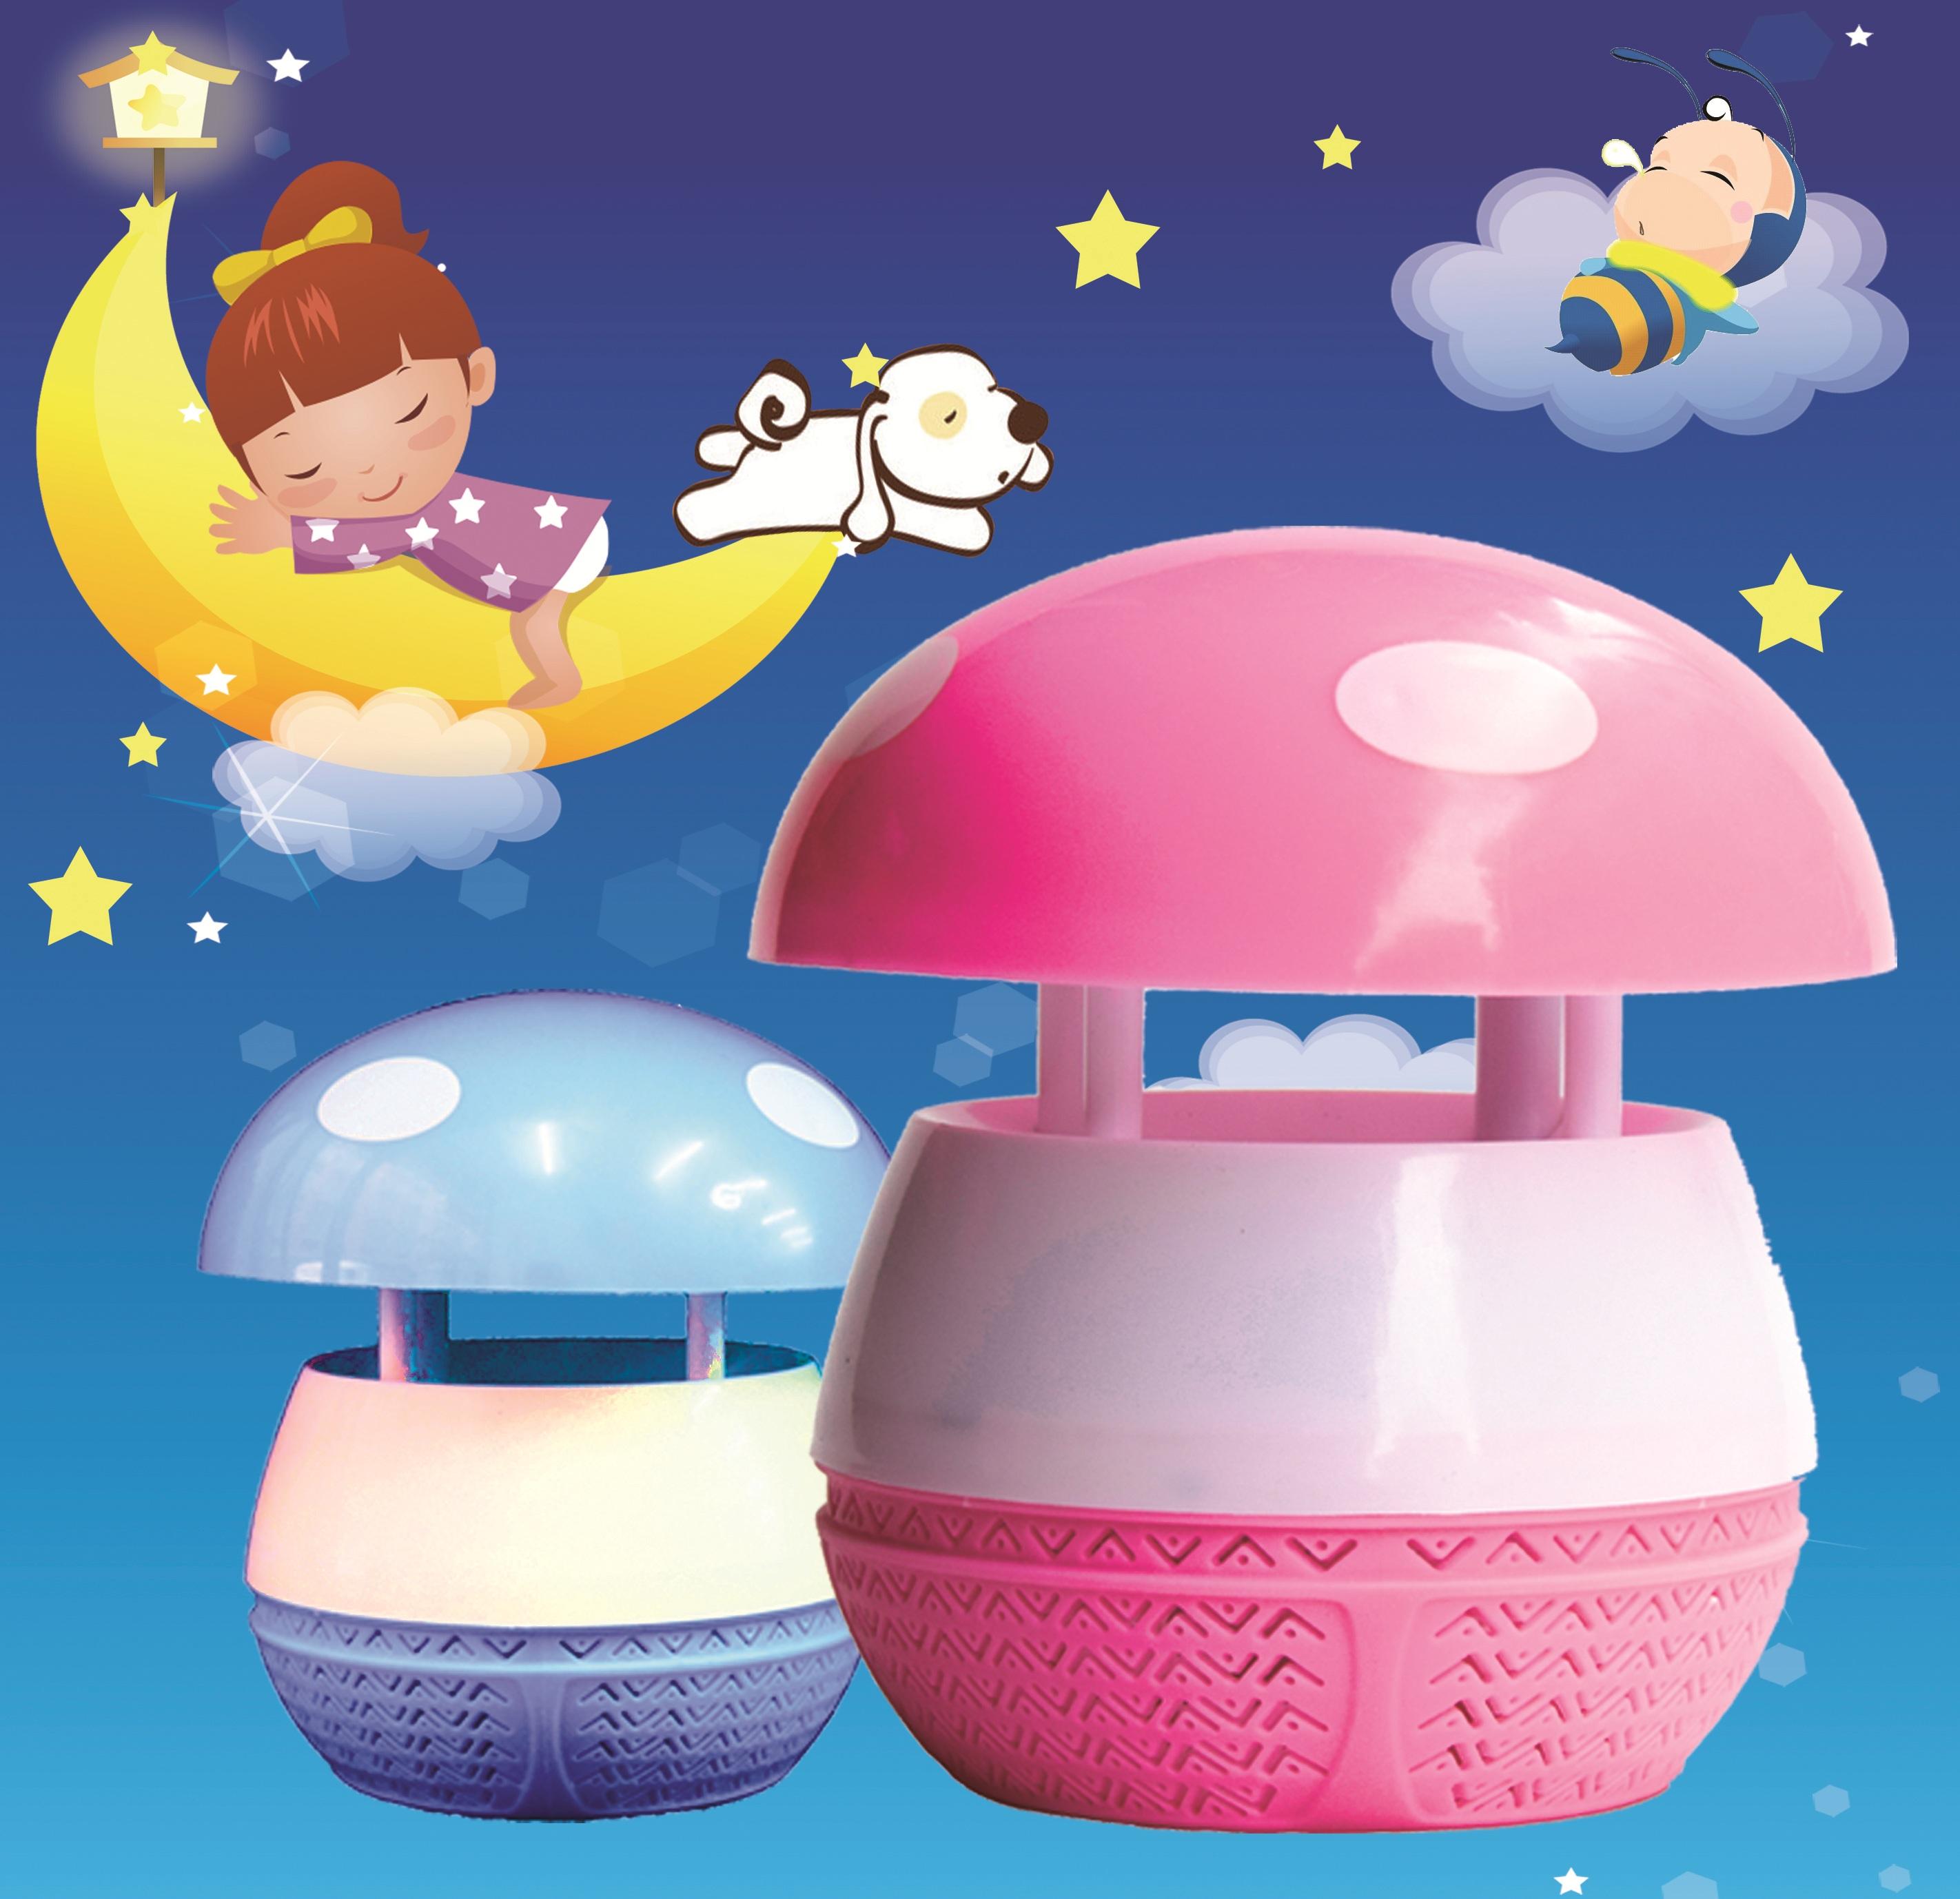 光触媒蘑菇灭蚊灯家用无辐射静音蚊子吸杀器电子捕蚊器LED驱虫